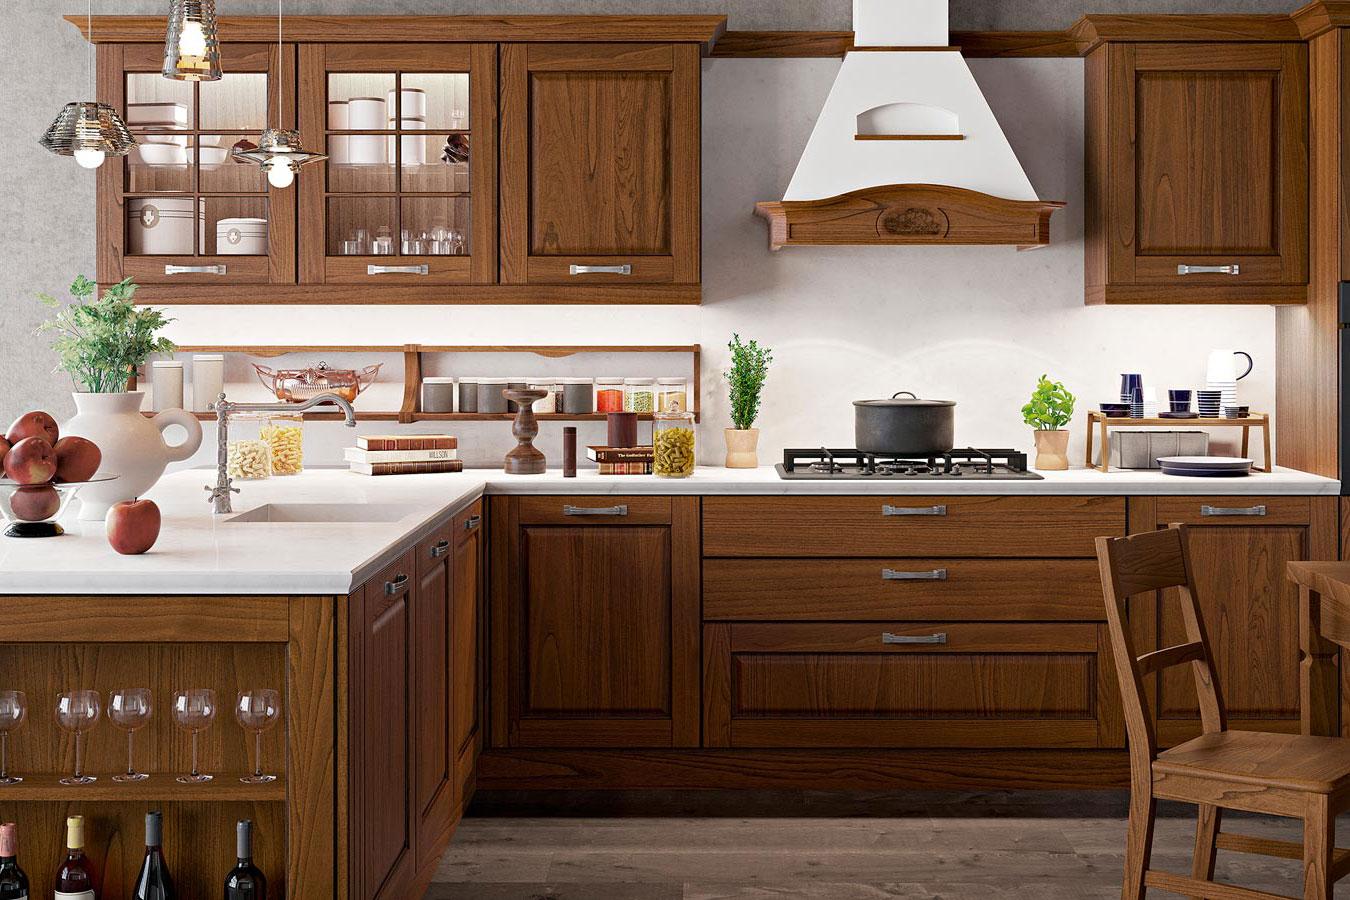 Cucina classica asolo di arredo3 righetti mobili novara for Cucine e arredi novara